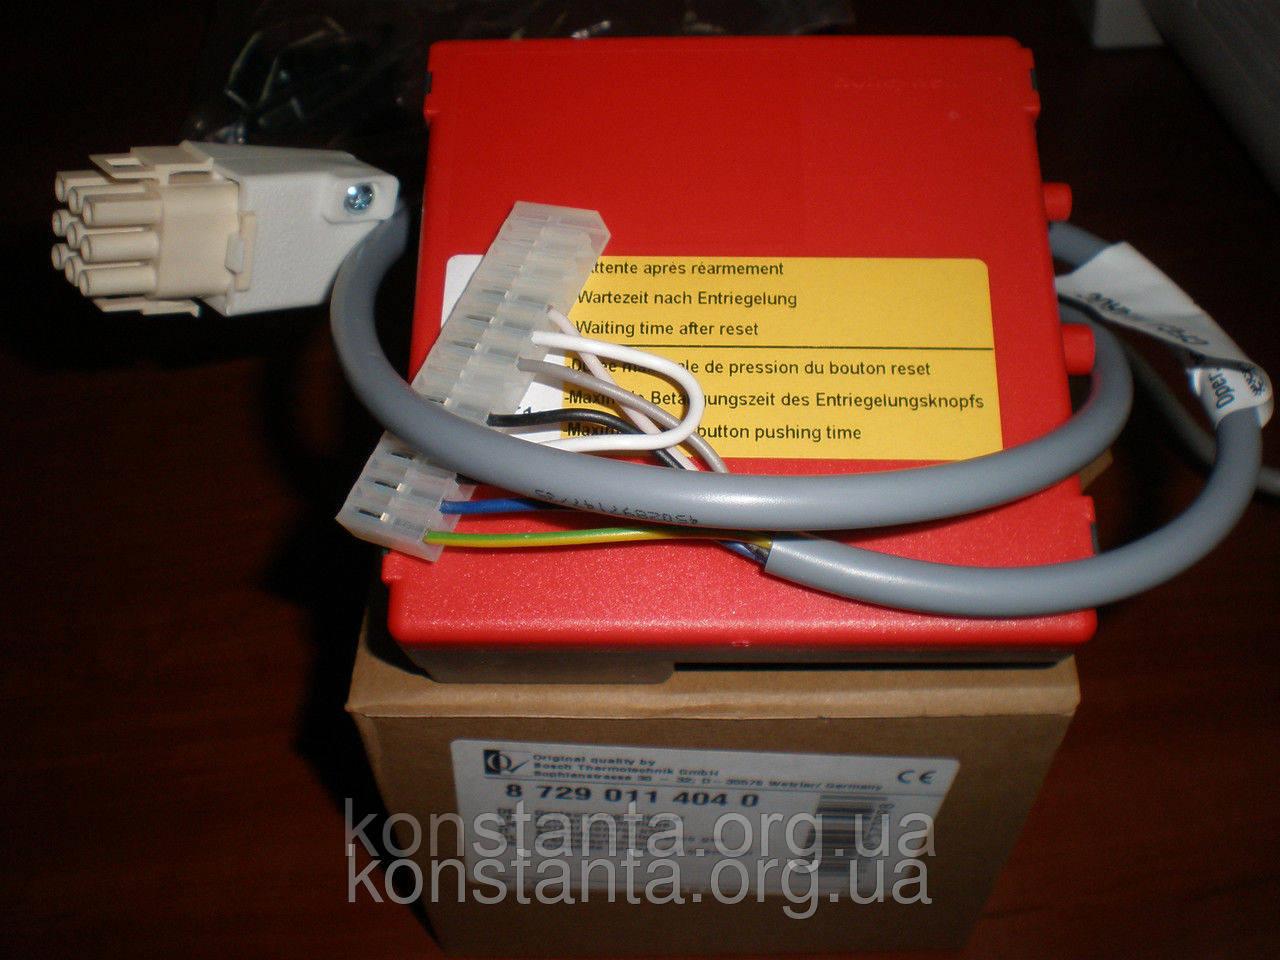 Блок управления розжигом для напольных котлов Bosch-Junkers  Supraline K-8E/EC - Интернет-магазин KONSTANTA в Харькове